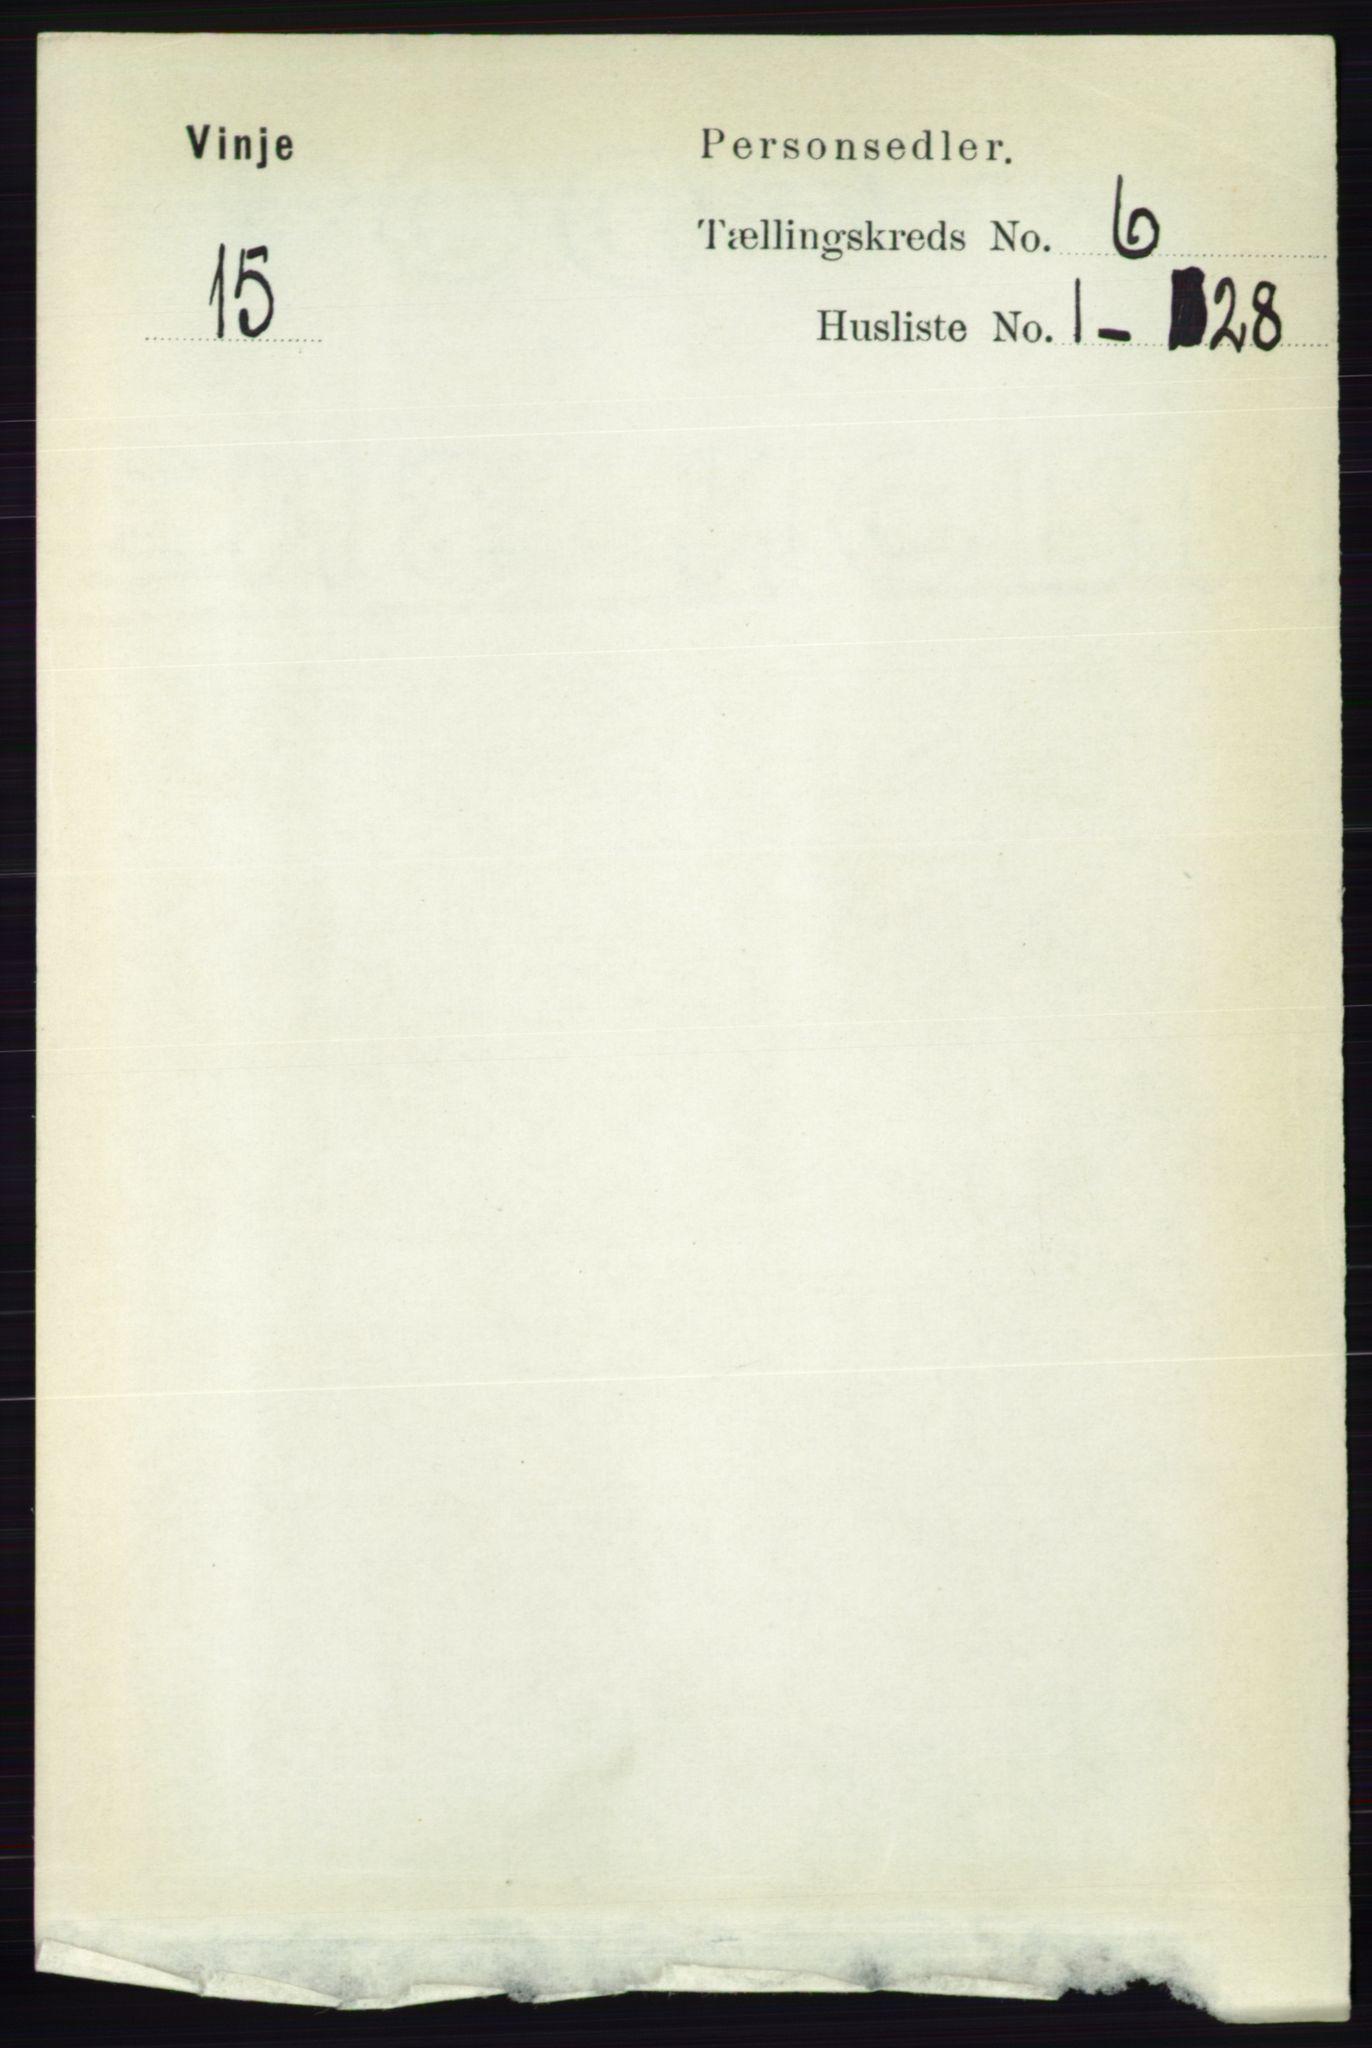 RA, Folketelling 1891 for 0834 Vinje herred, 1891, s. 1410